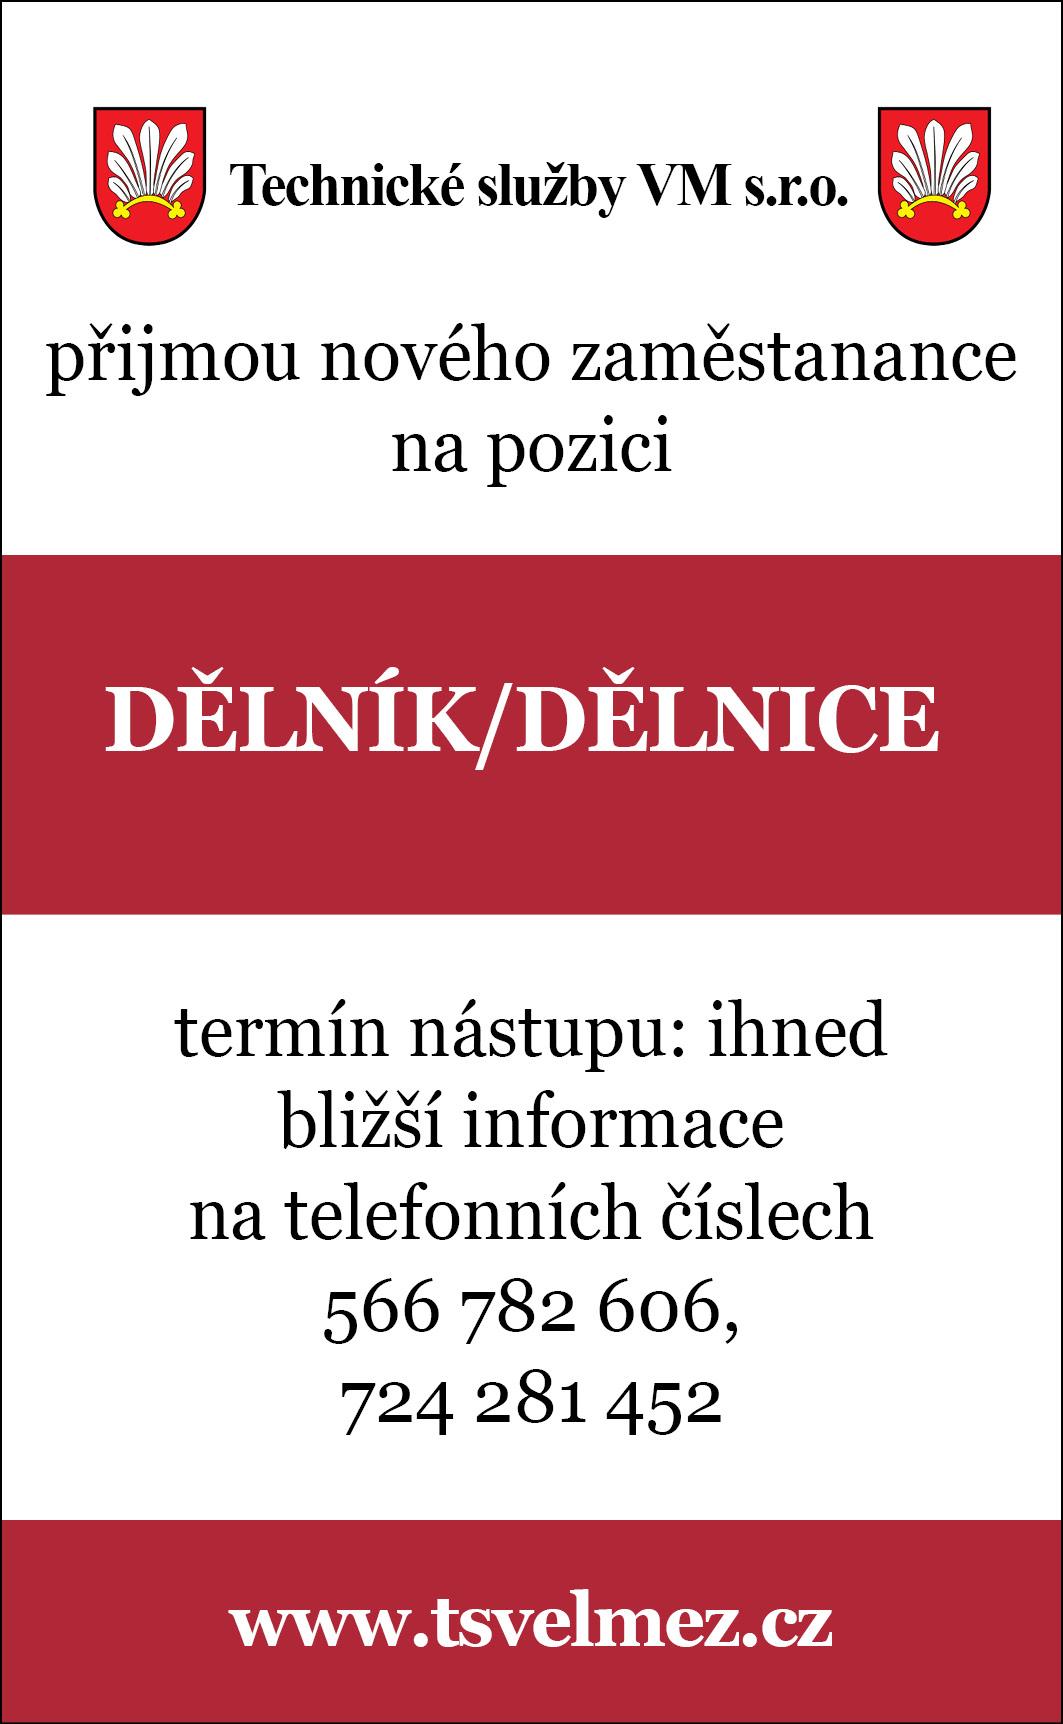 TS velmez_delnik_dolu